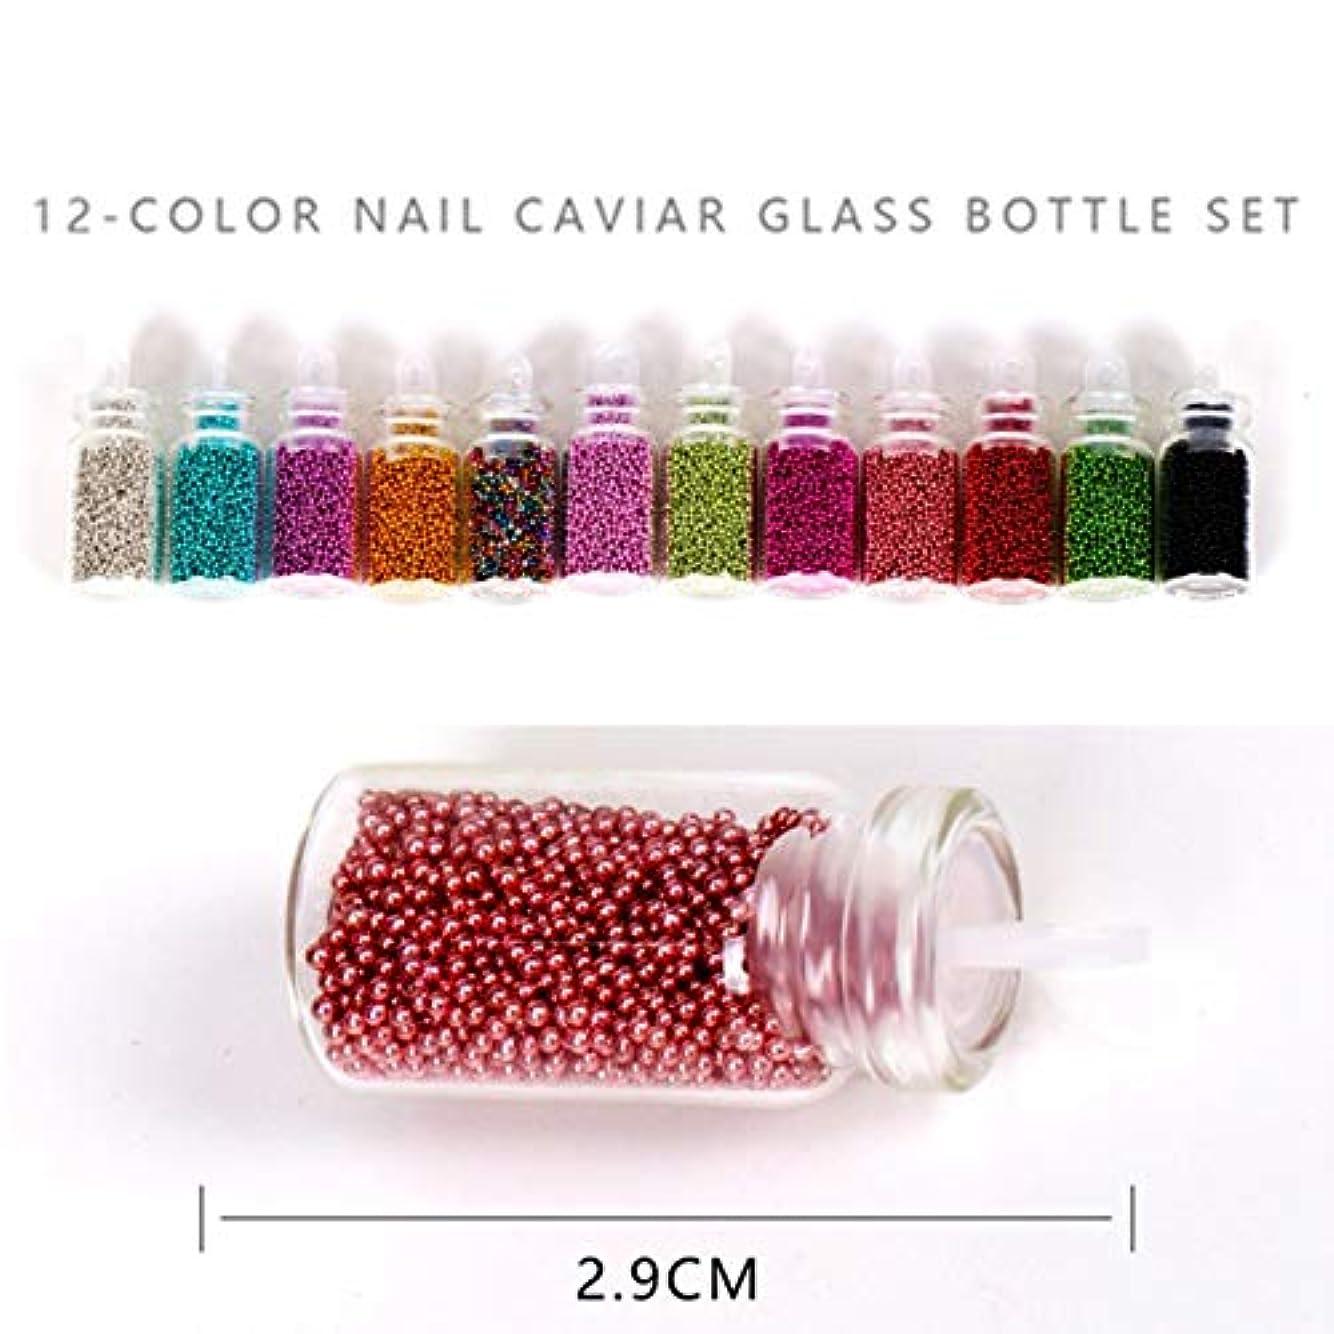 羊の廃棄促すYoshilimen 巧みなDIY釘鋼キャビアカラー1 mmの小さな鋼のボール(None 12 Color Caviar Set)